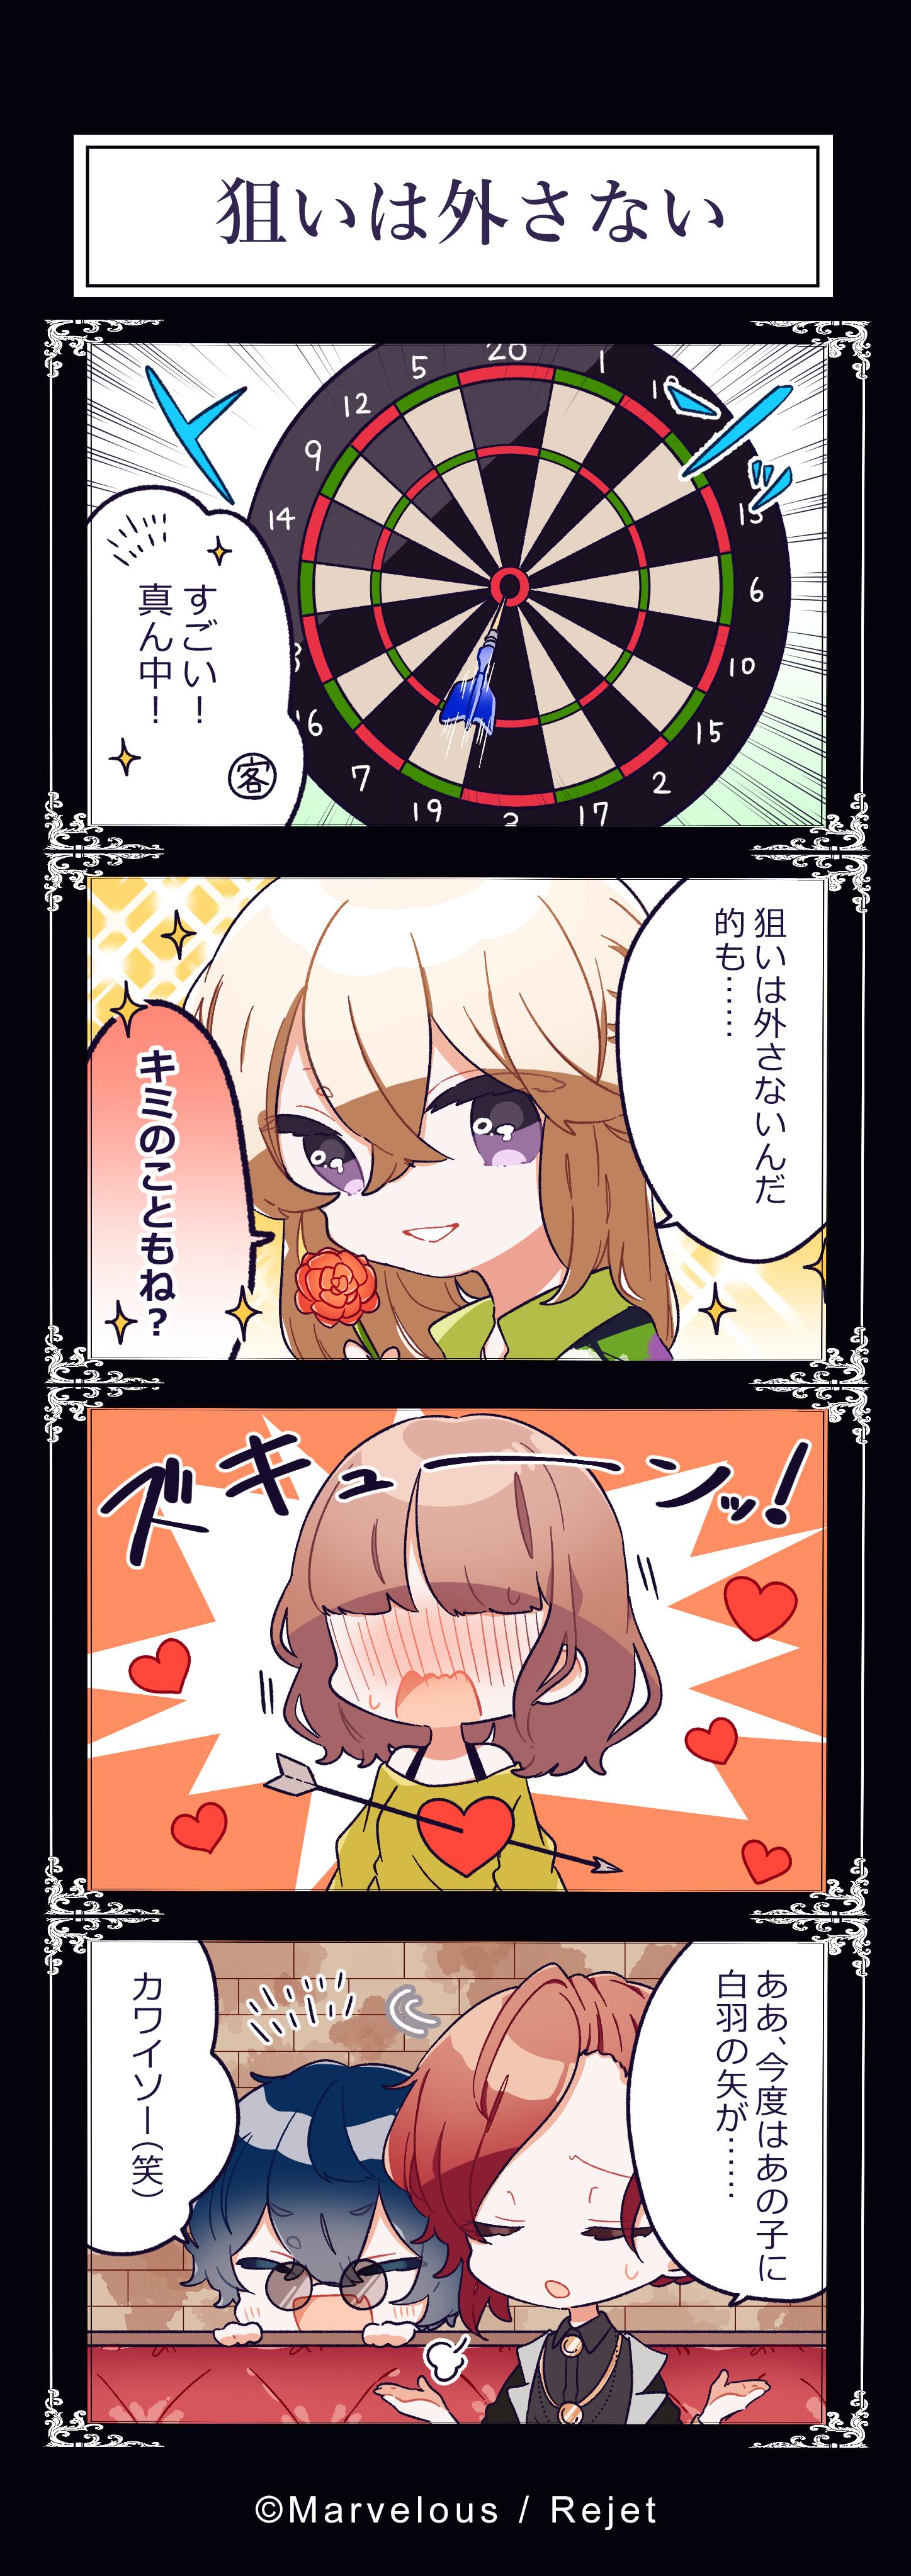 【2月】mawoko_FN4コマ2 (4).png